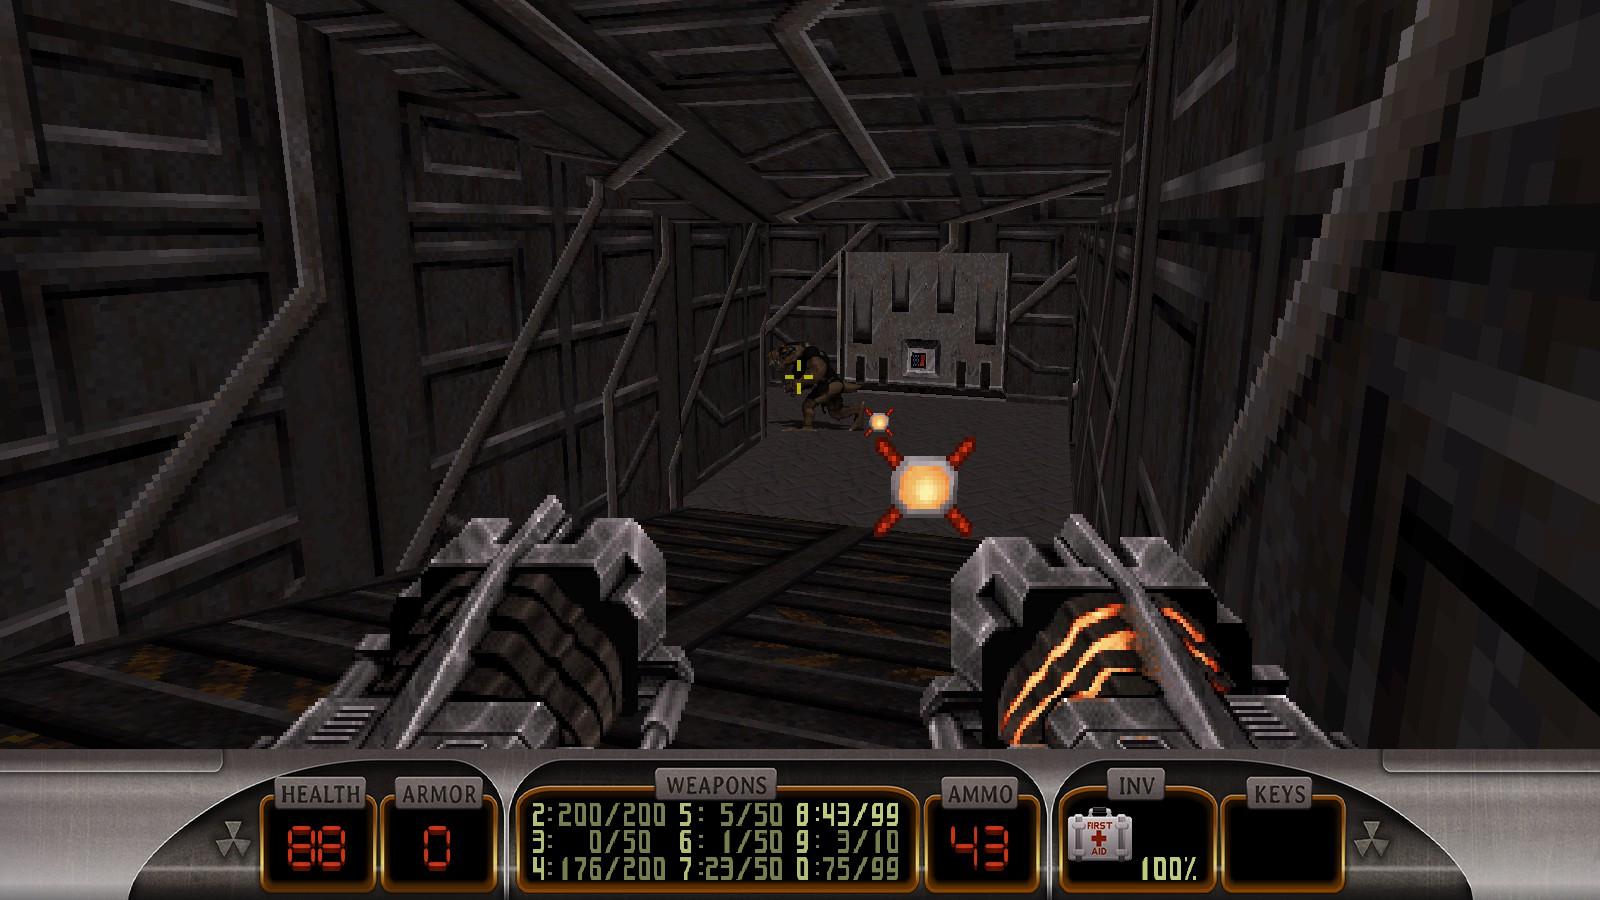 История дизайна уровней Duke Nukem (с эскизами Левелорда) - 7